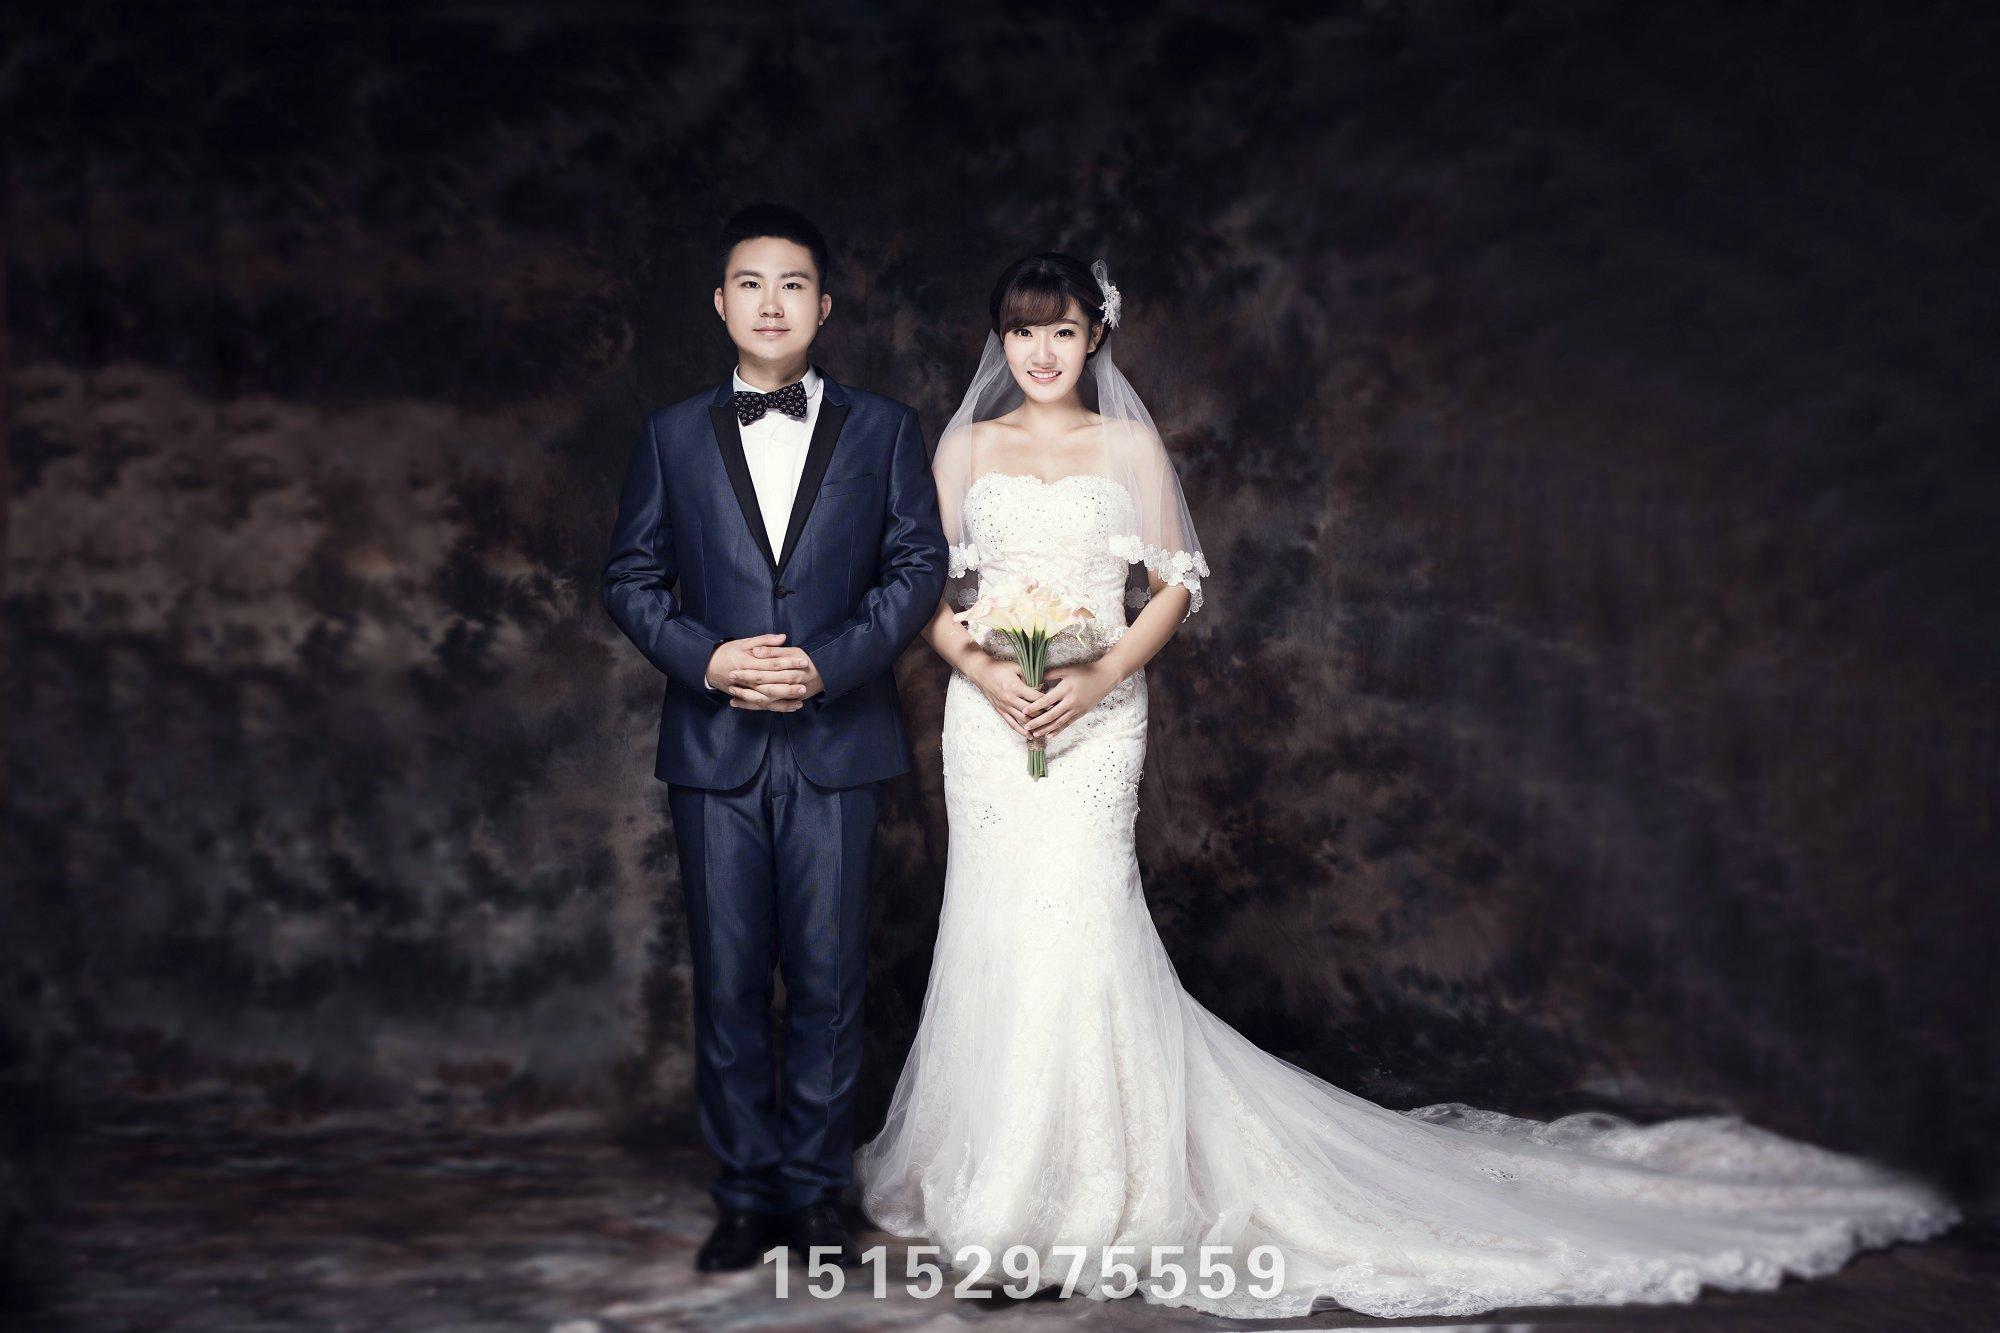 拍摄双人婚纱照姿势攻略